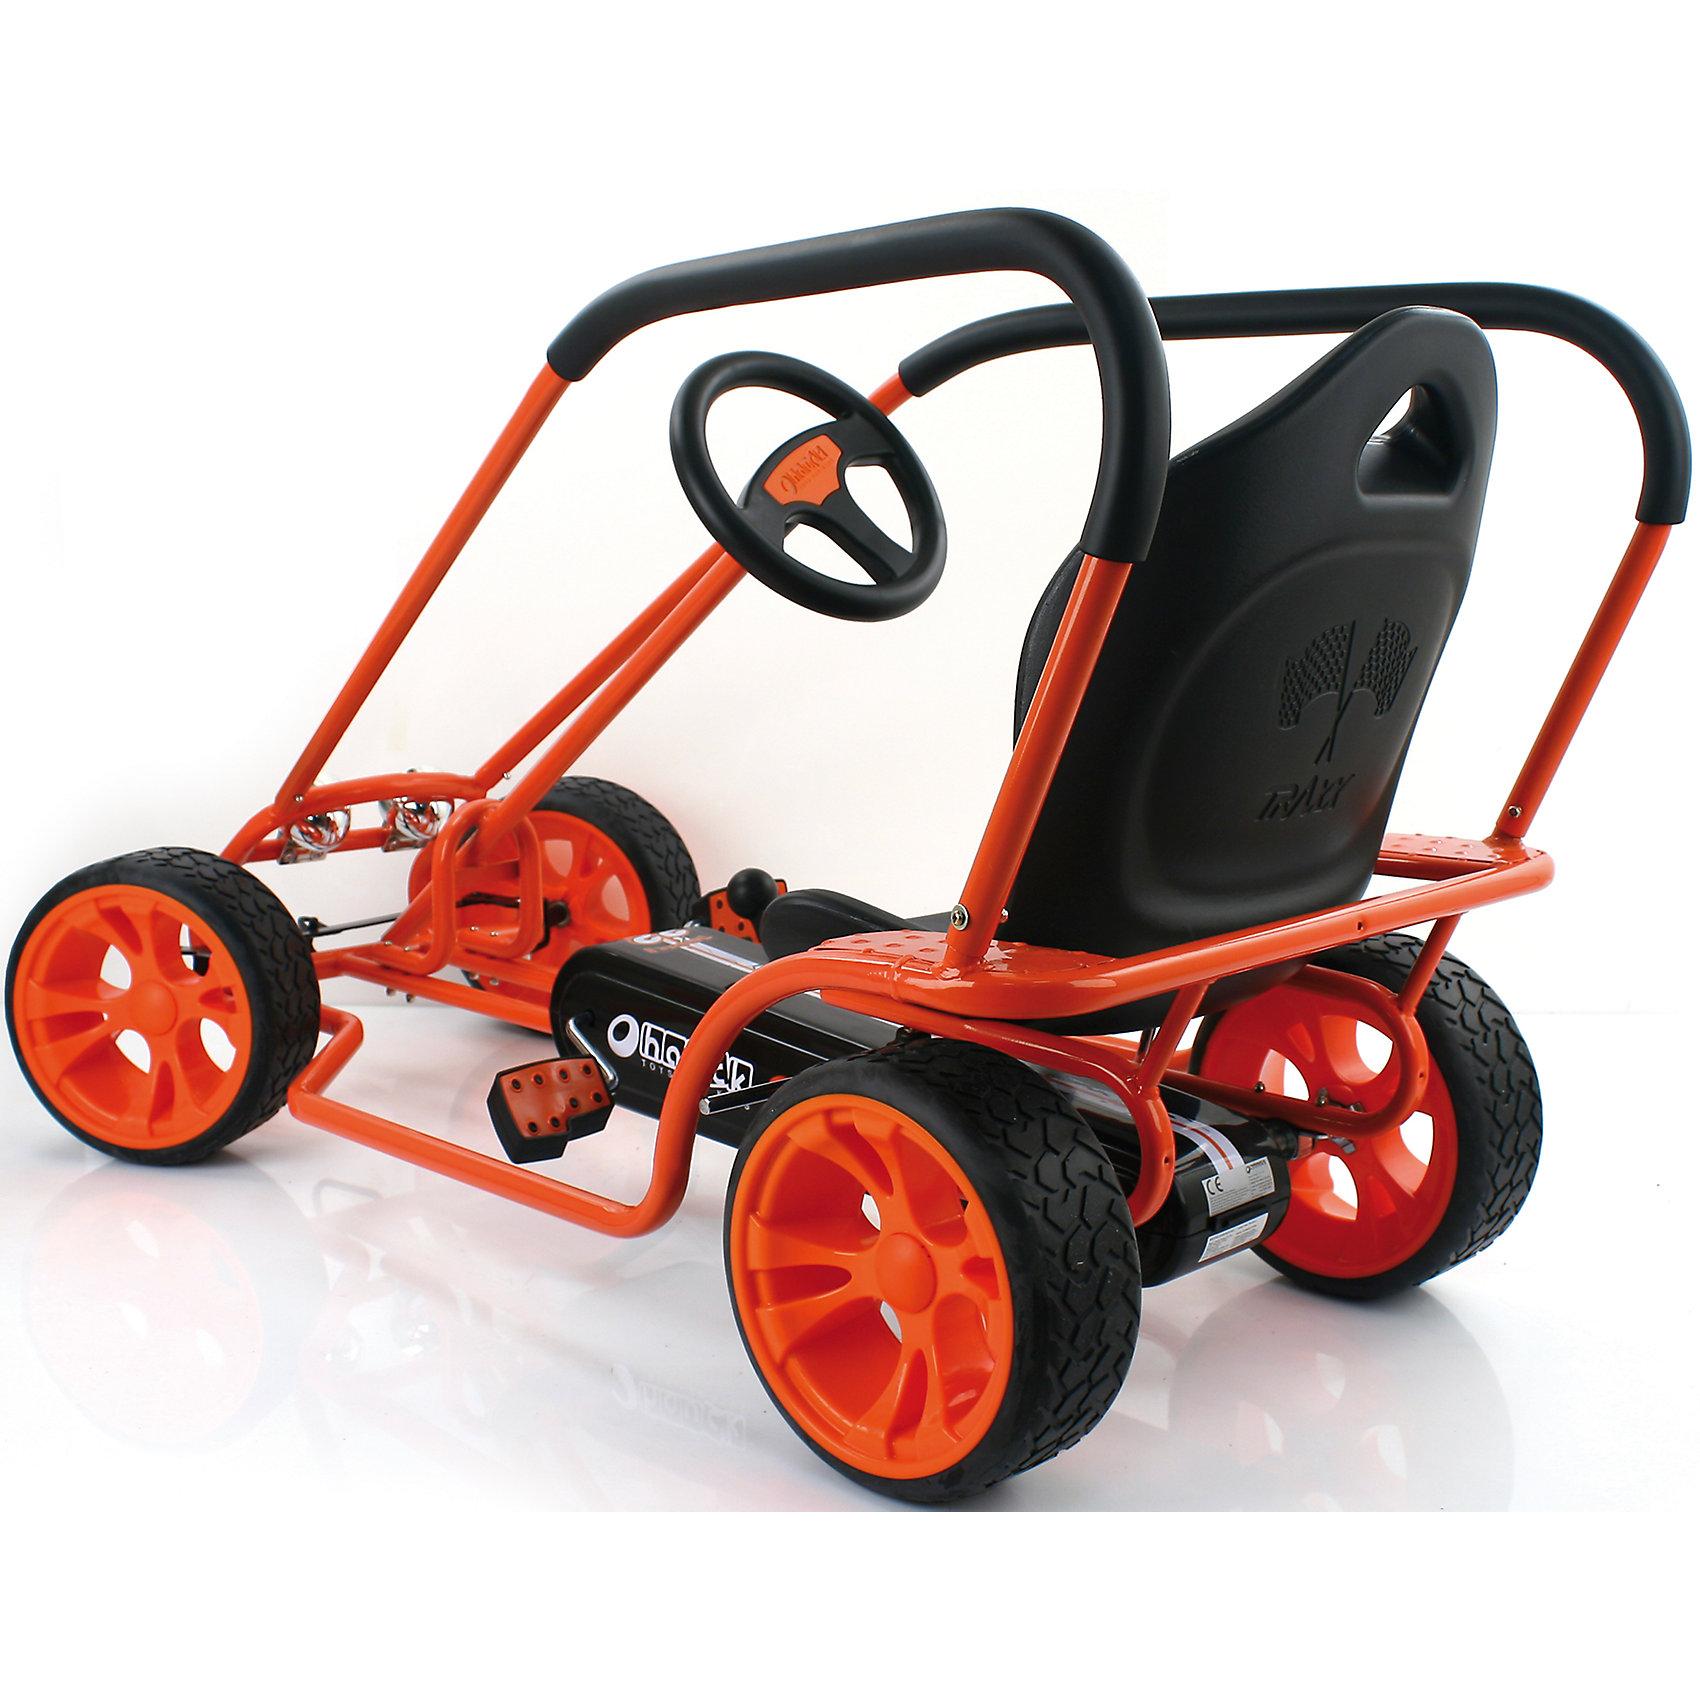 Neu hauck Toys Go-Kart Thunder II II II Orange 6856960 Orange ed0cc2